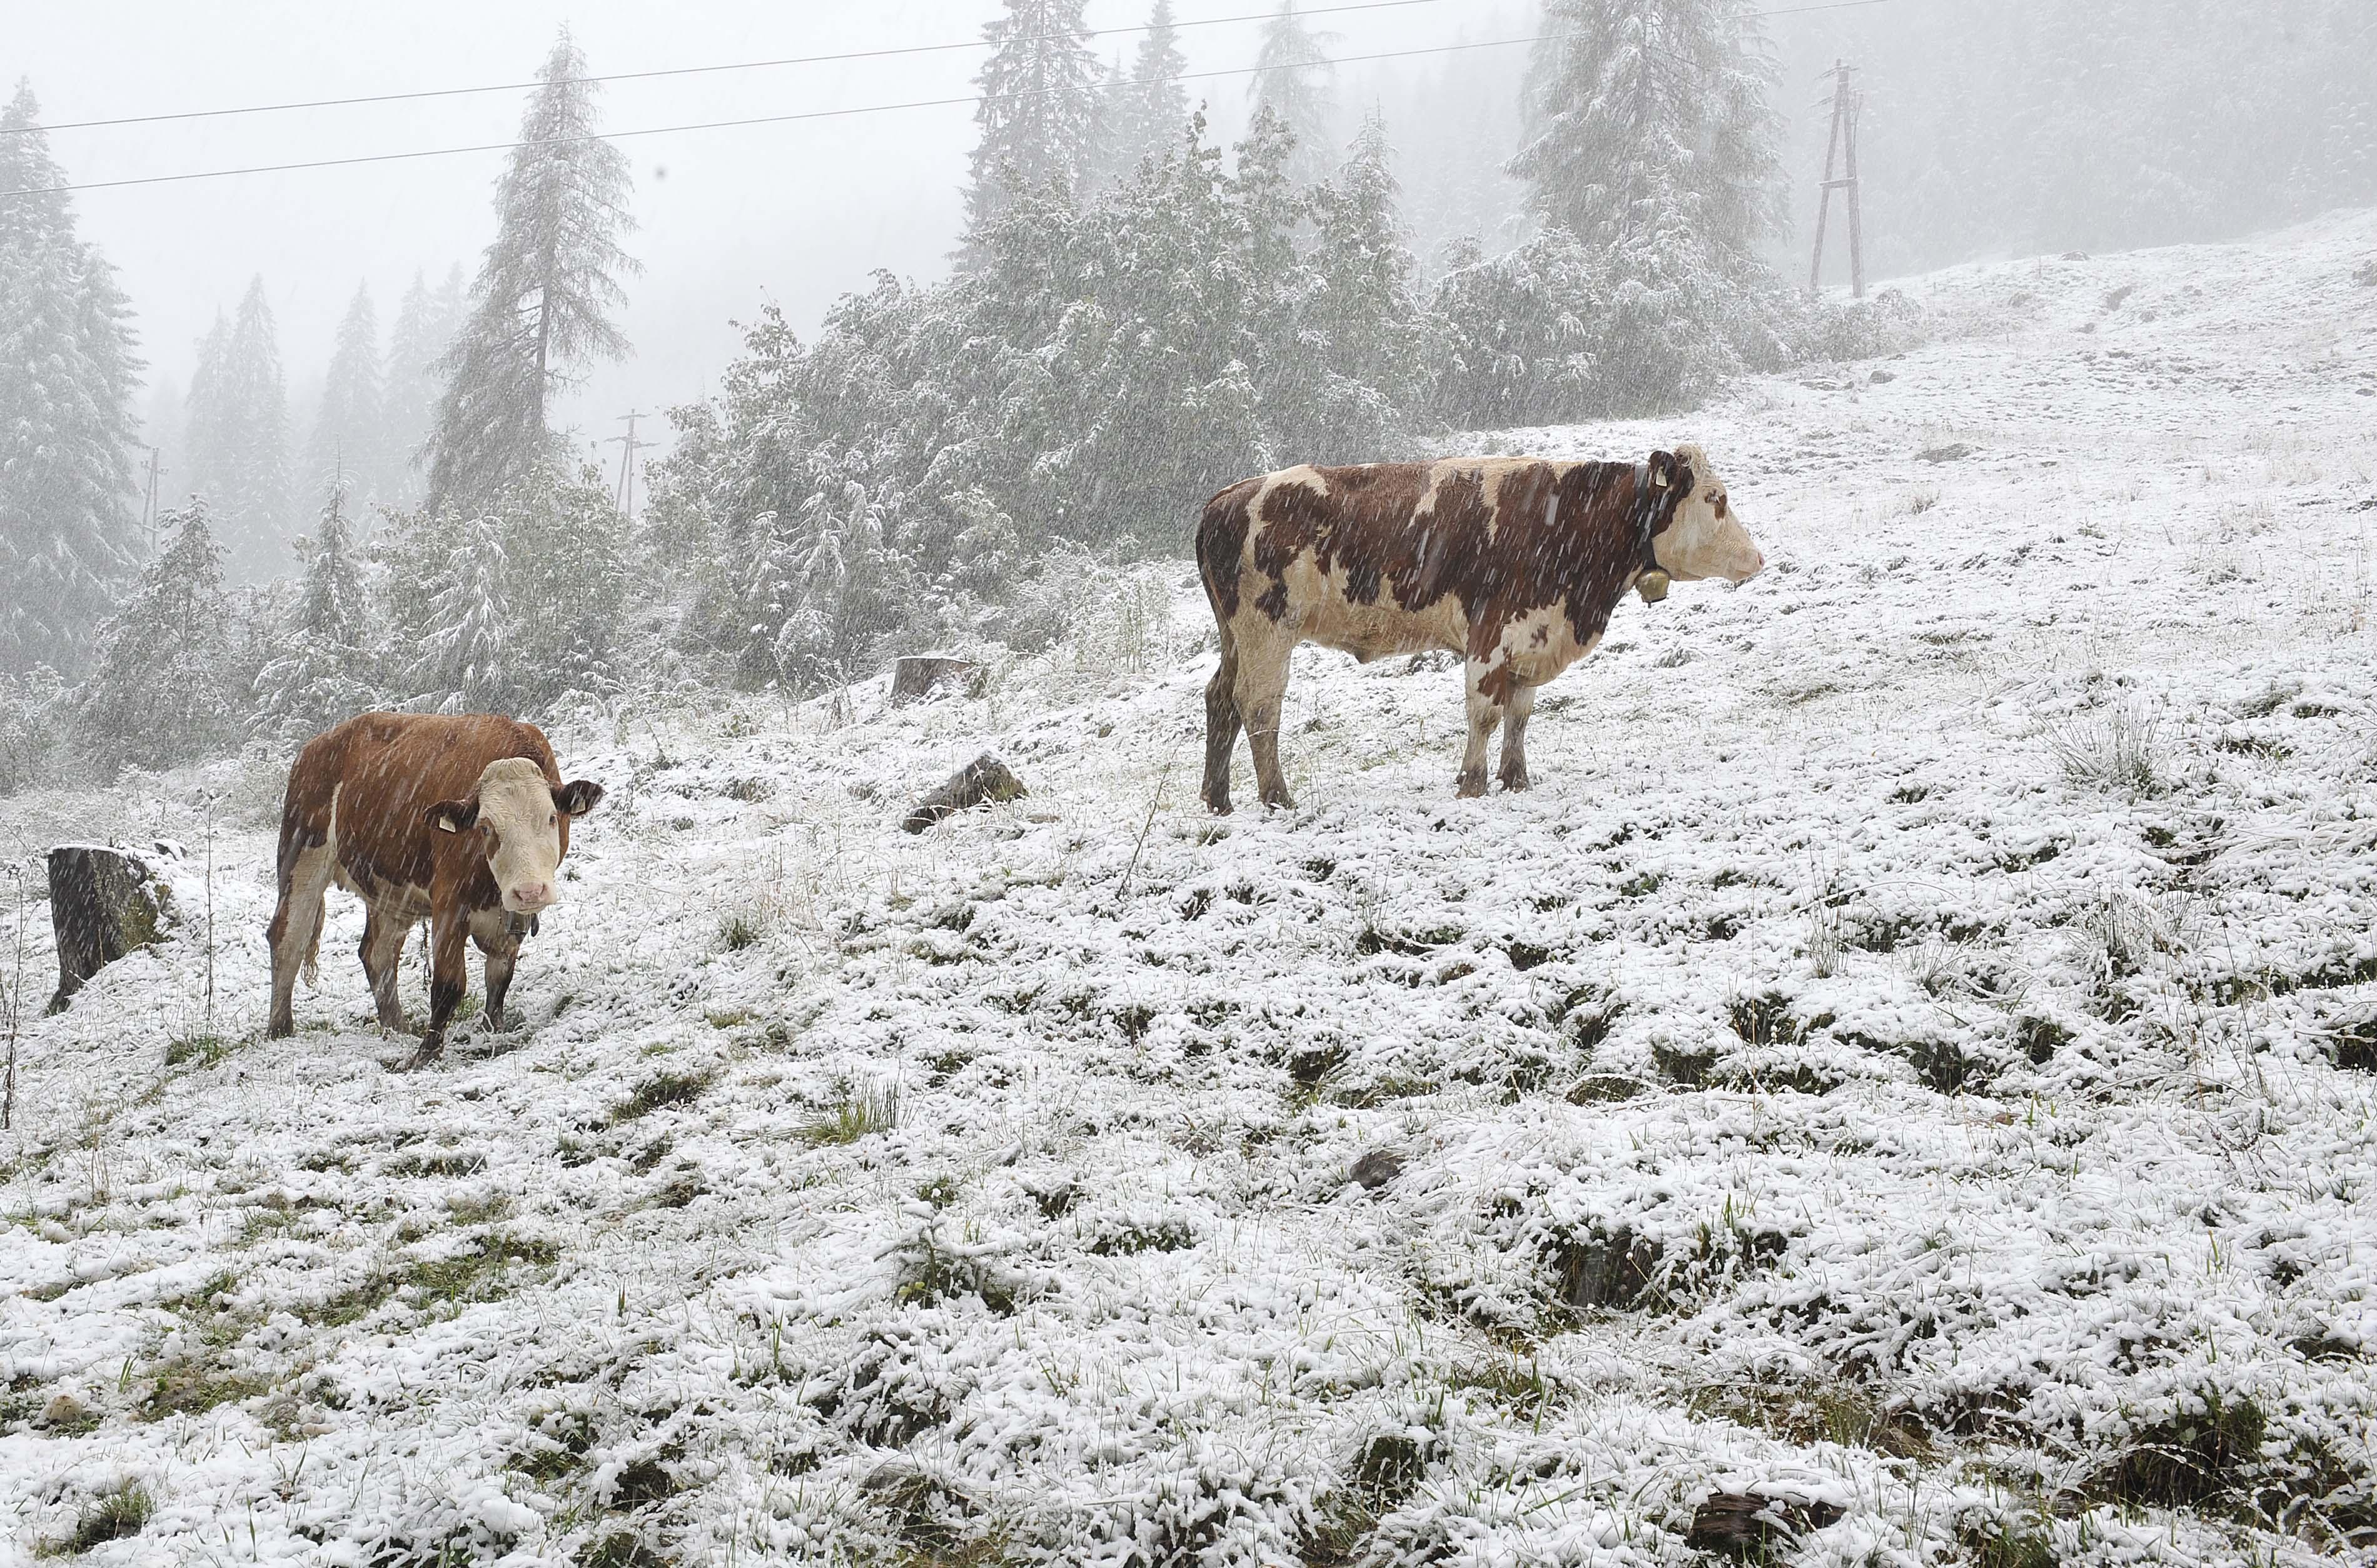 Abc, die Rinder liefen im Schnee